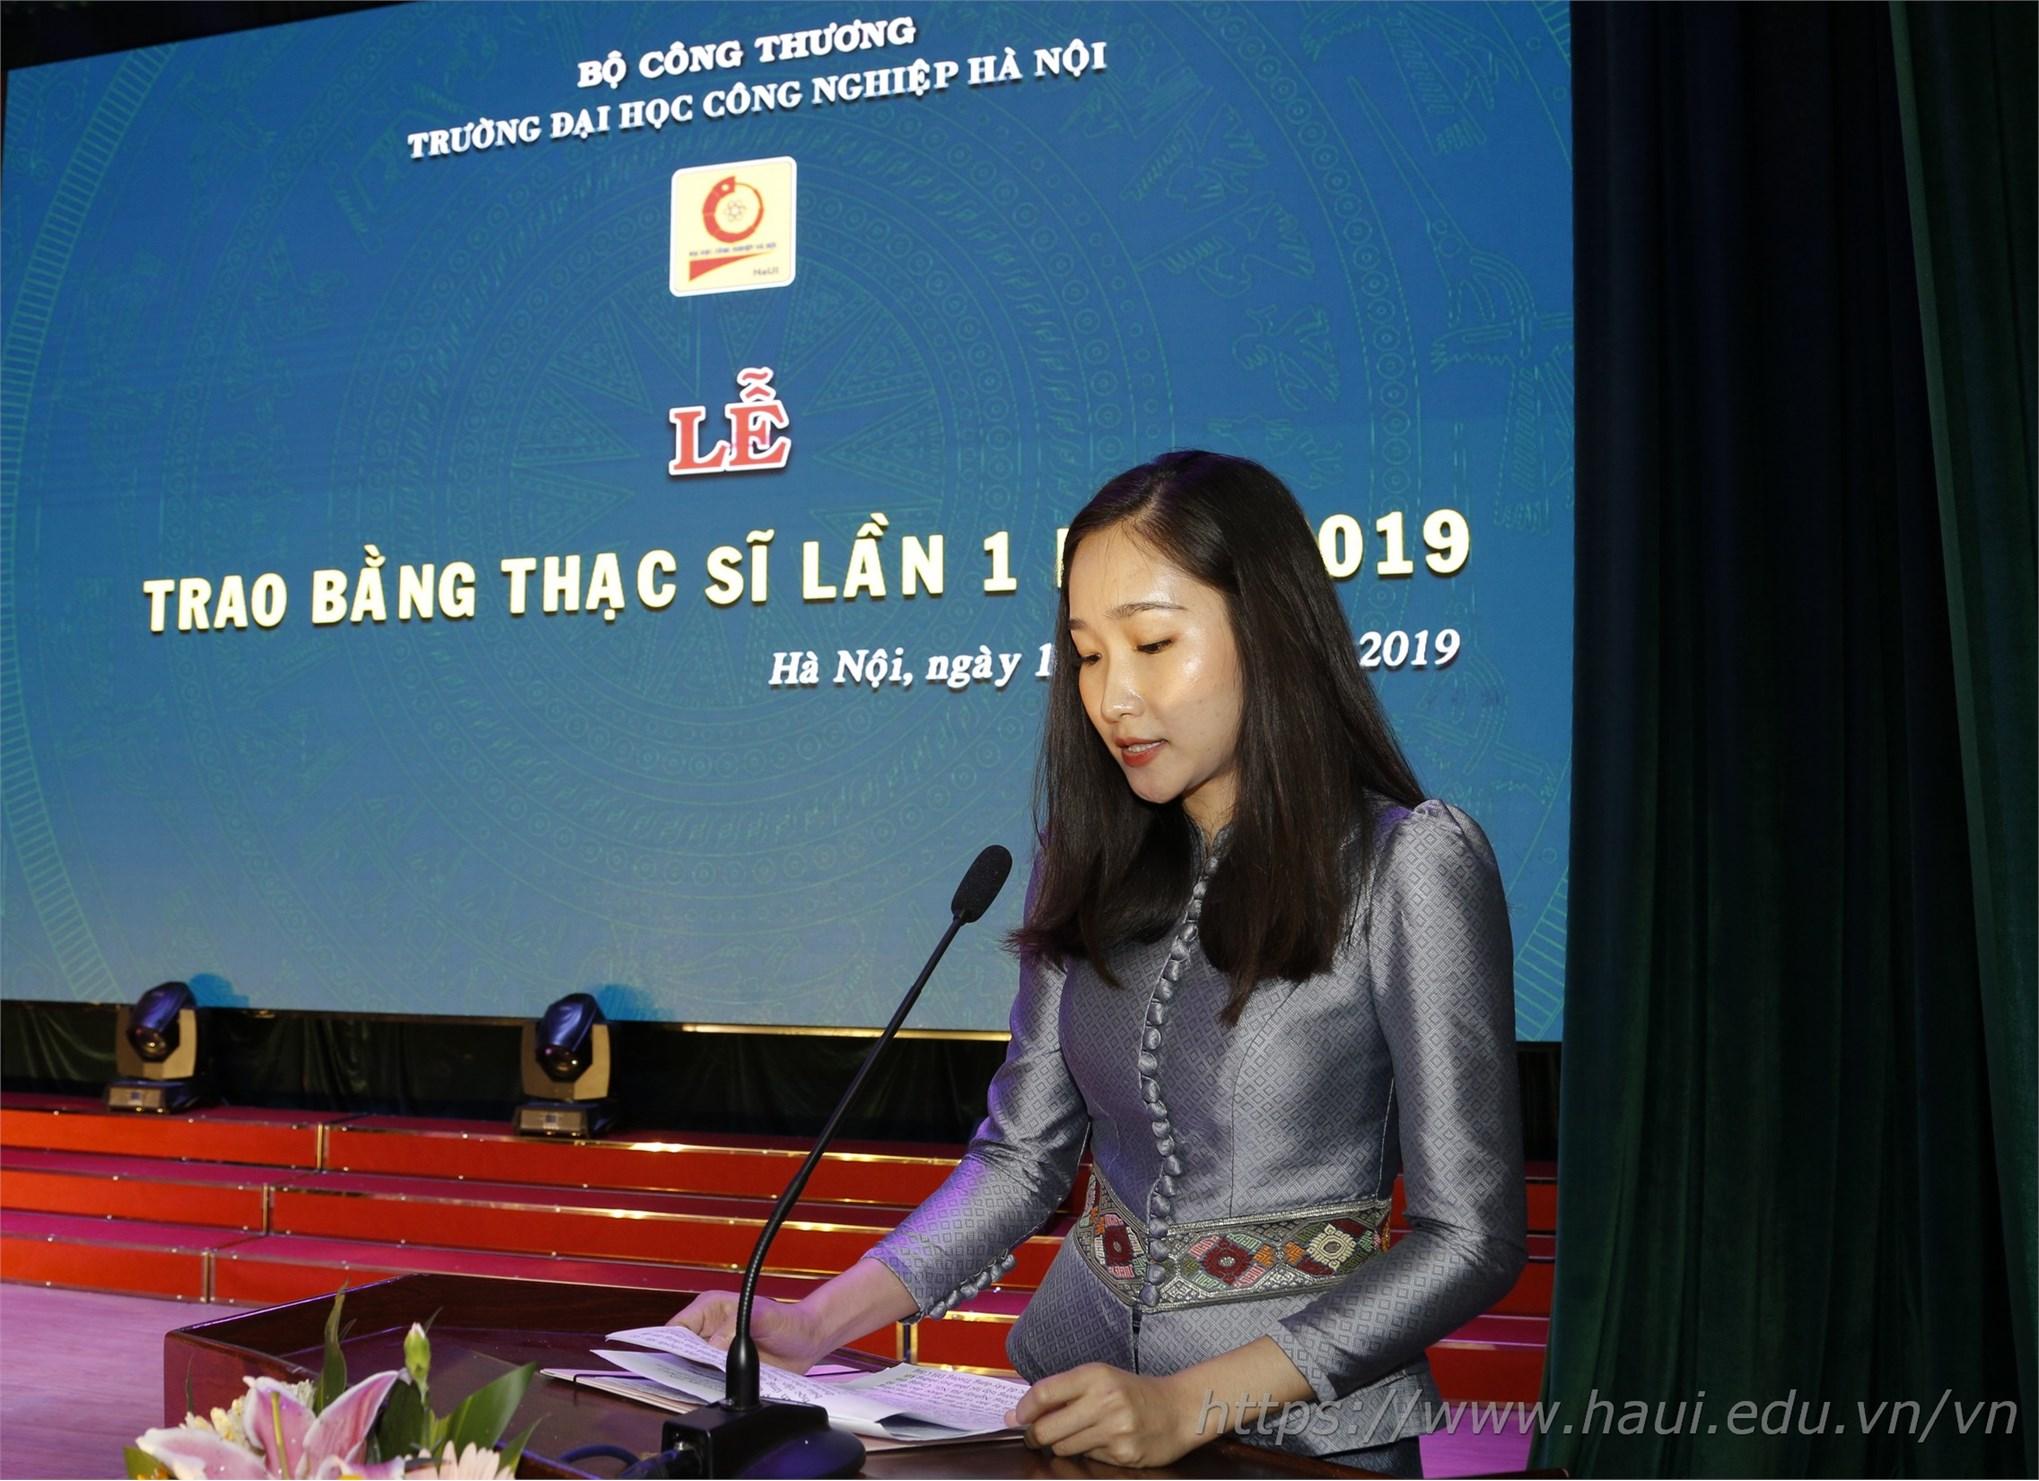 Lễ trao bằng Thạc sĩ năm 2019